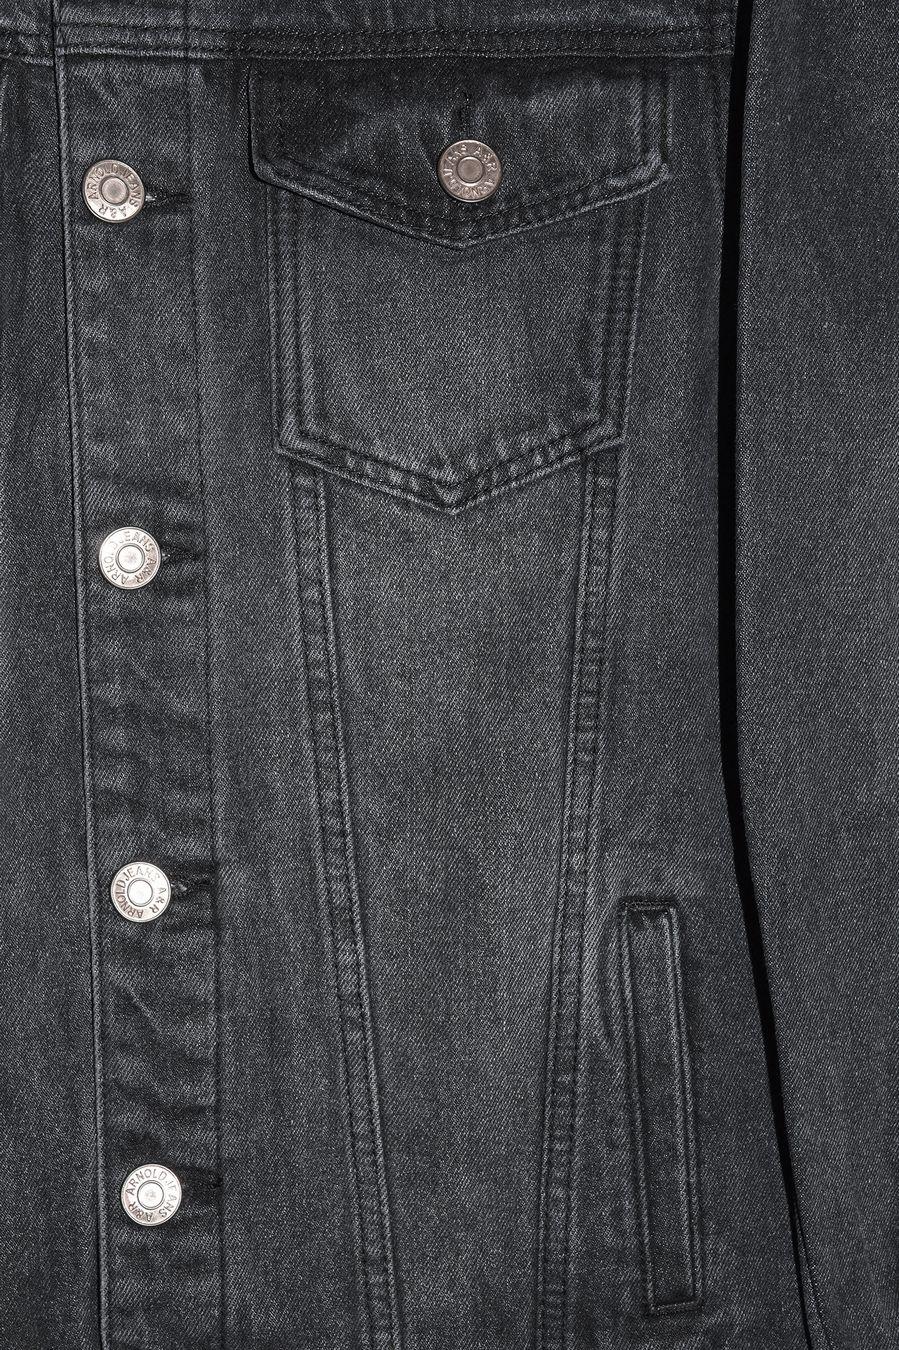 Пиджак мужской (джинсовка) Arnold 5709B - фото 7